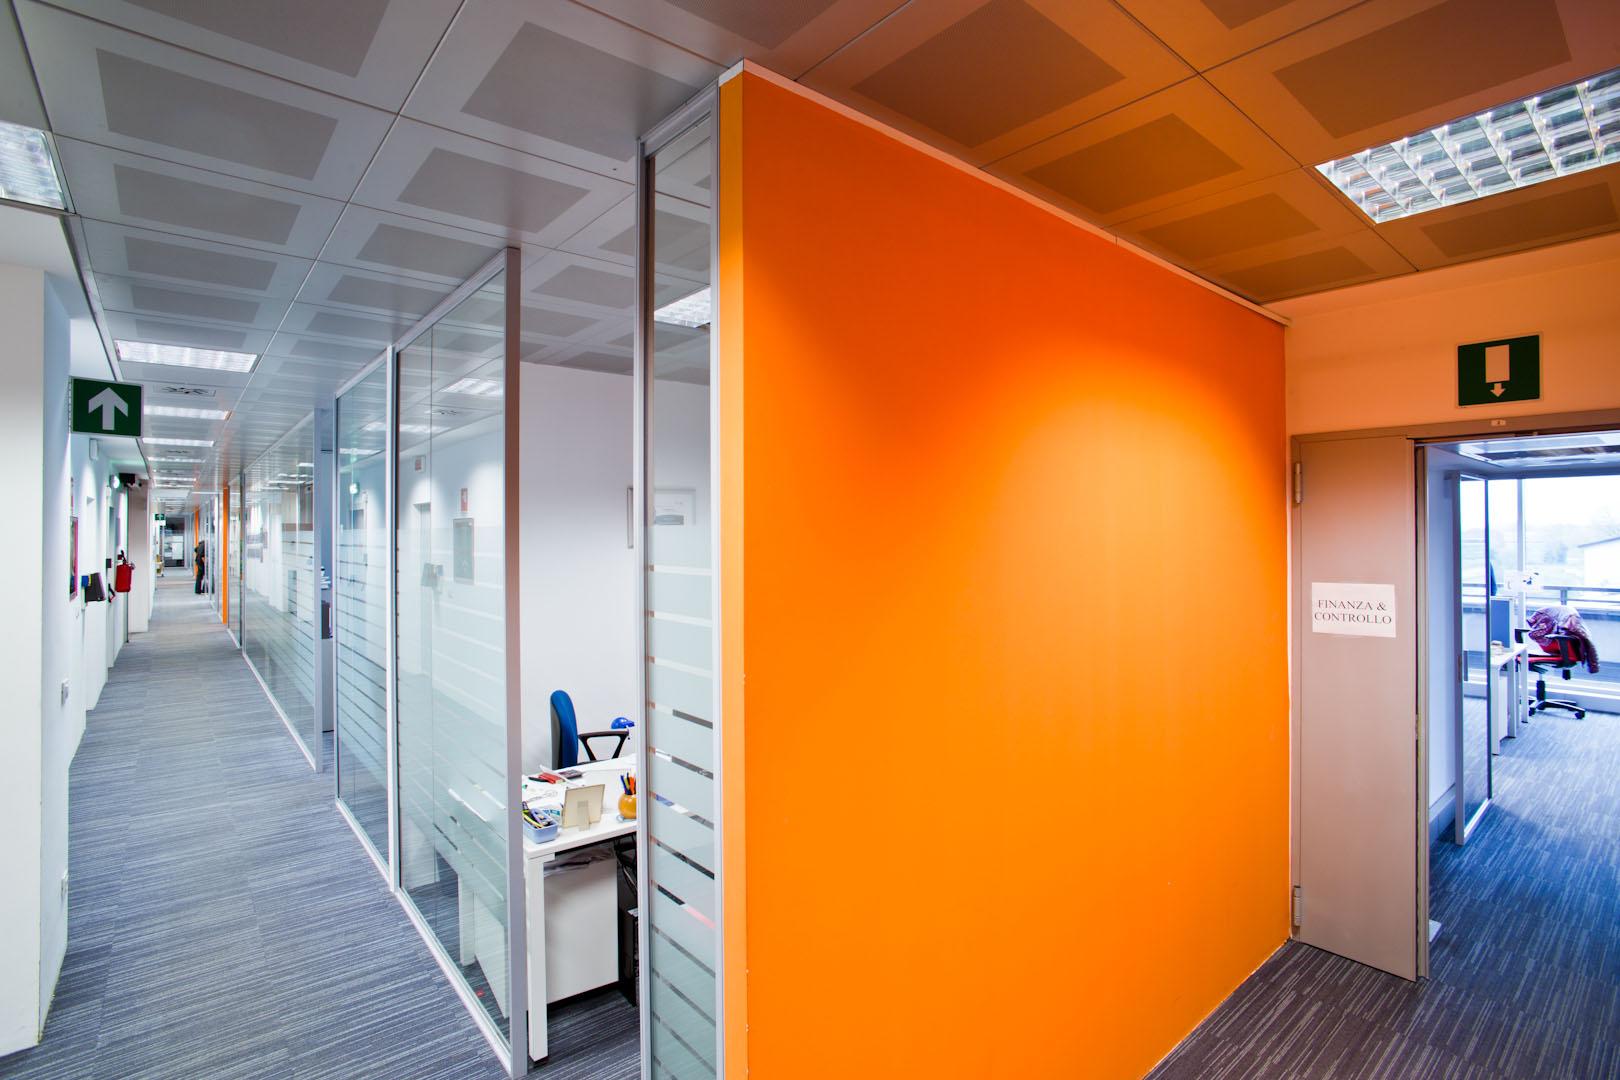 Orion Capital Managers | Servizio fotografico di interni